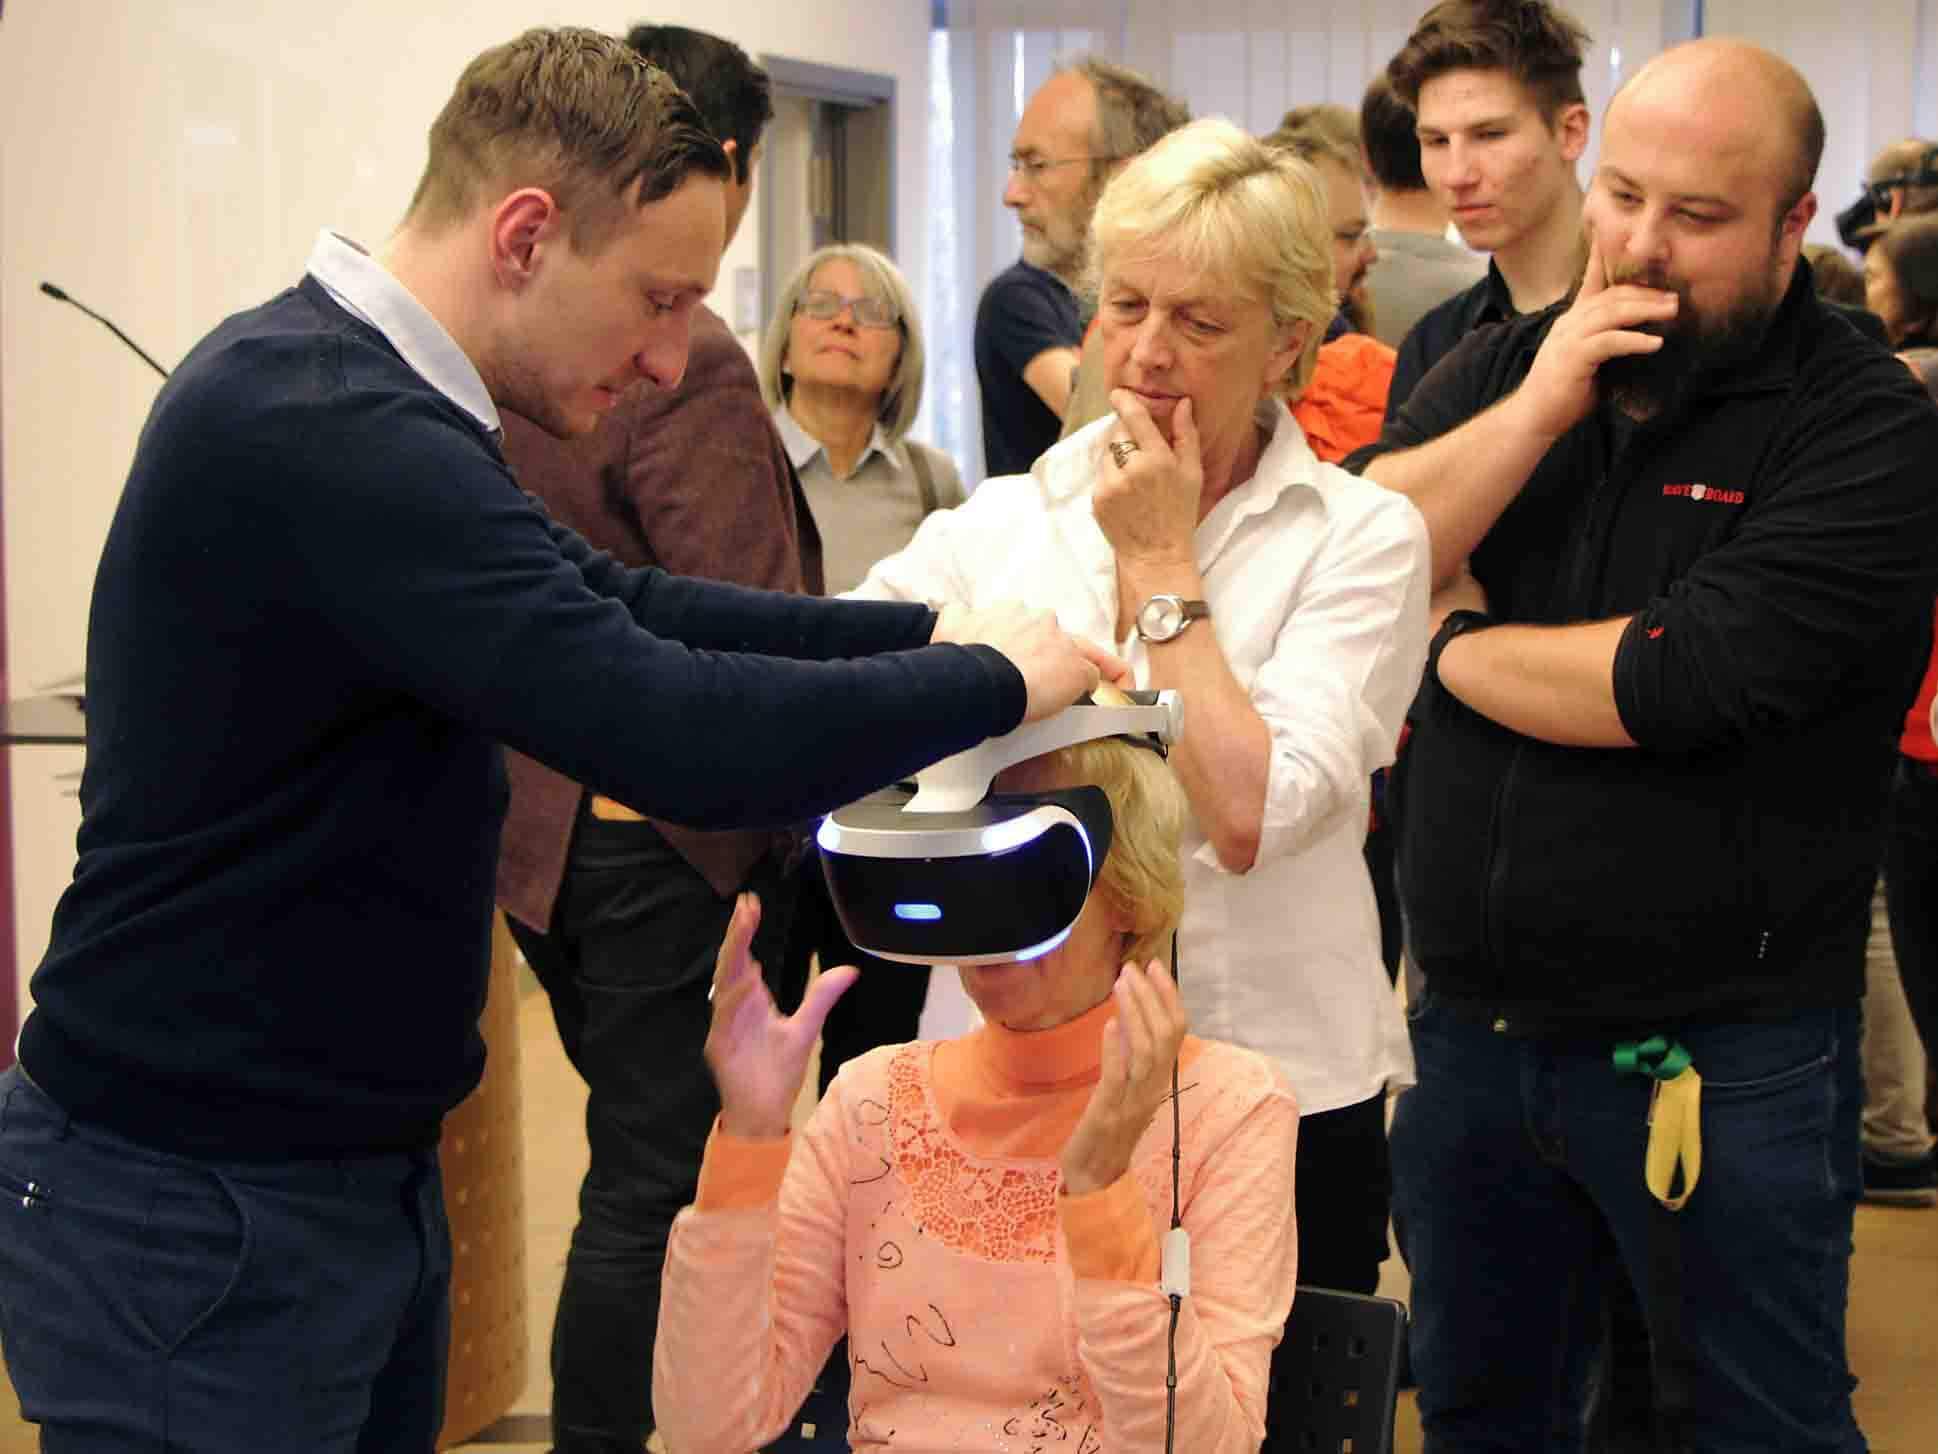 Sehr interessiert waren die Gäste am Testen der VR-Brillen.